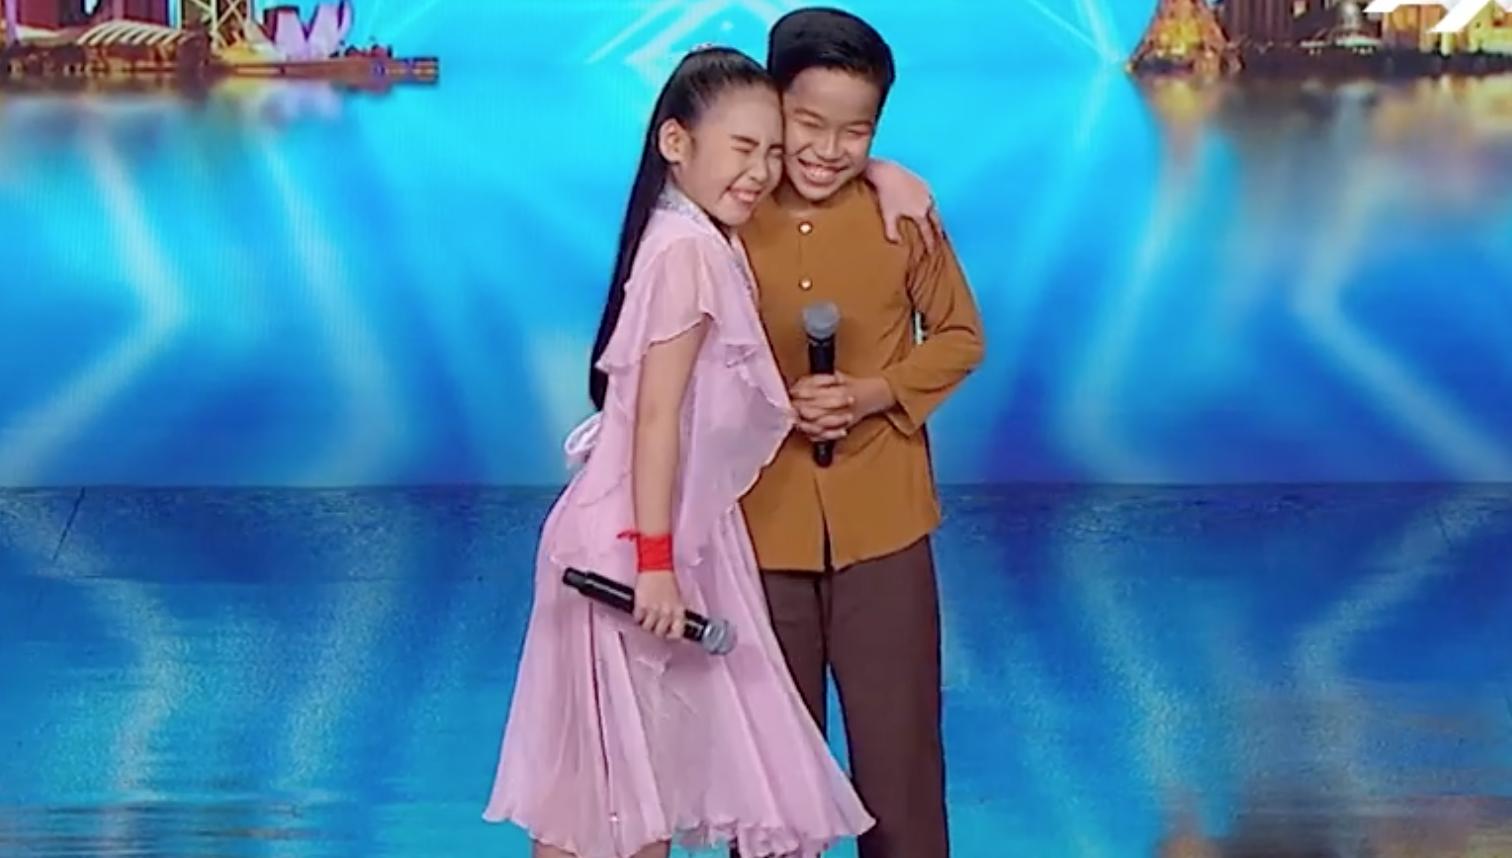 Có tới 5 cái tên đến từ Việt Nam đang chinh chiến ở các TV Show Quốc tế! - Ảnh 7.